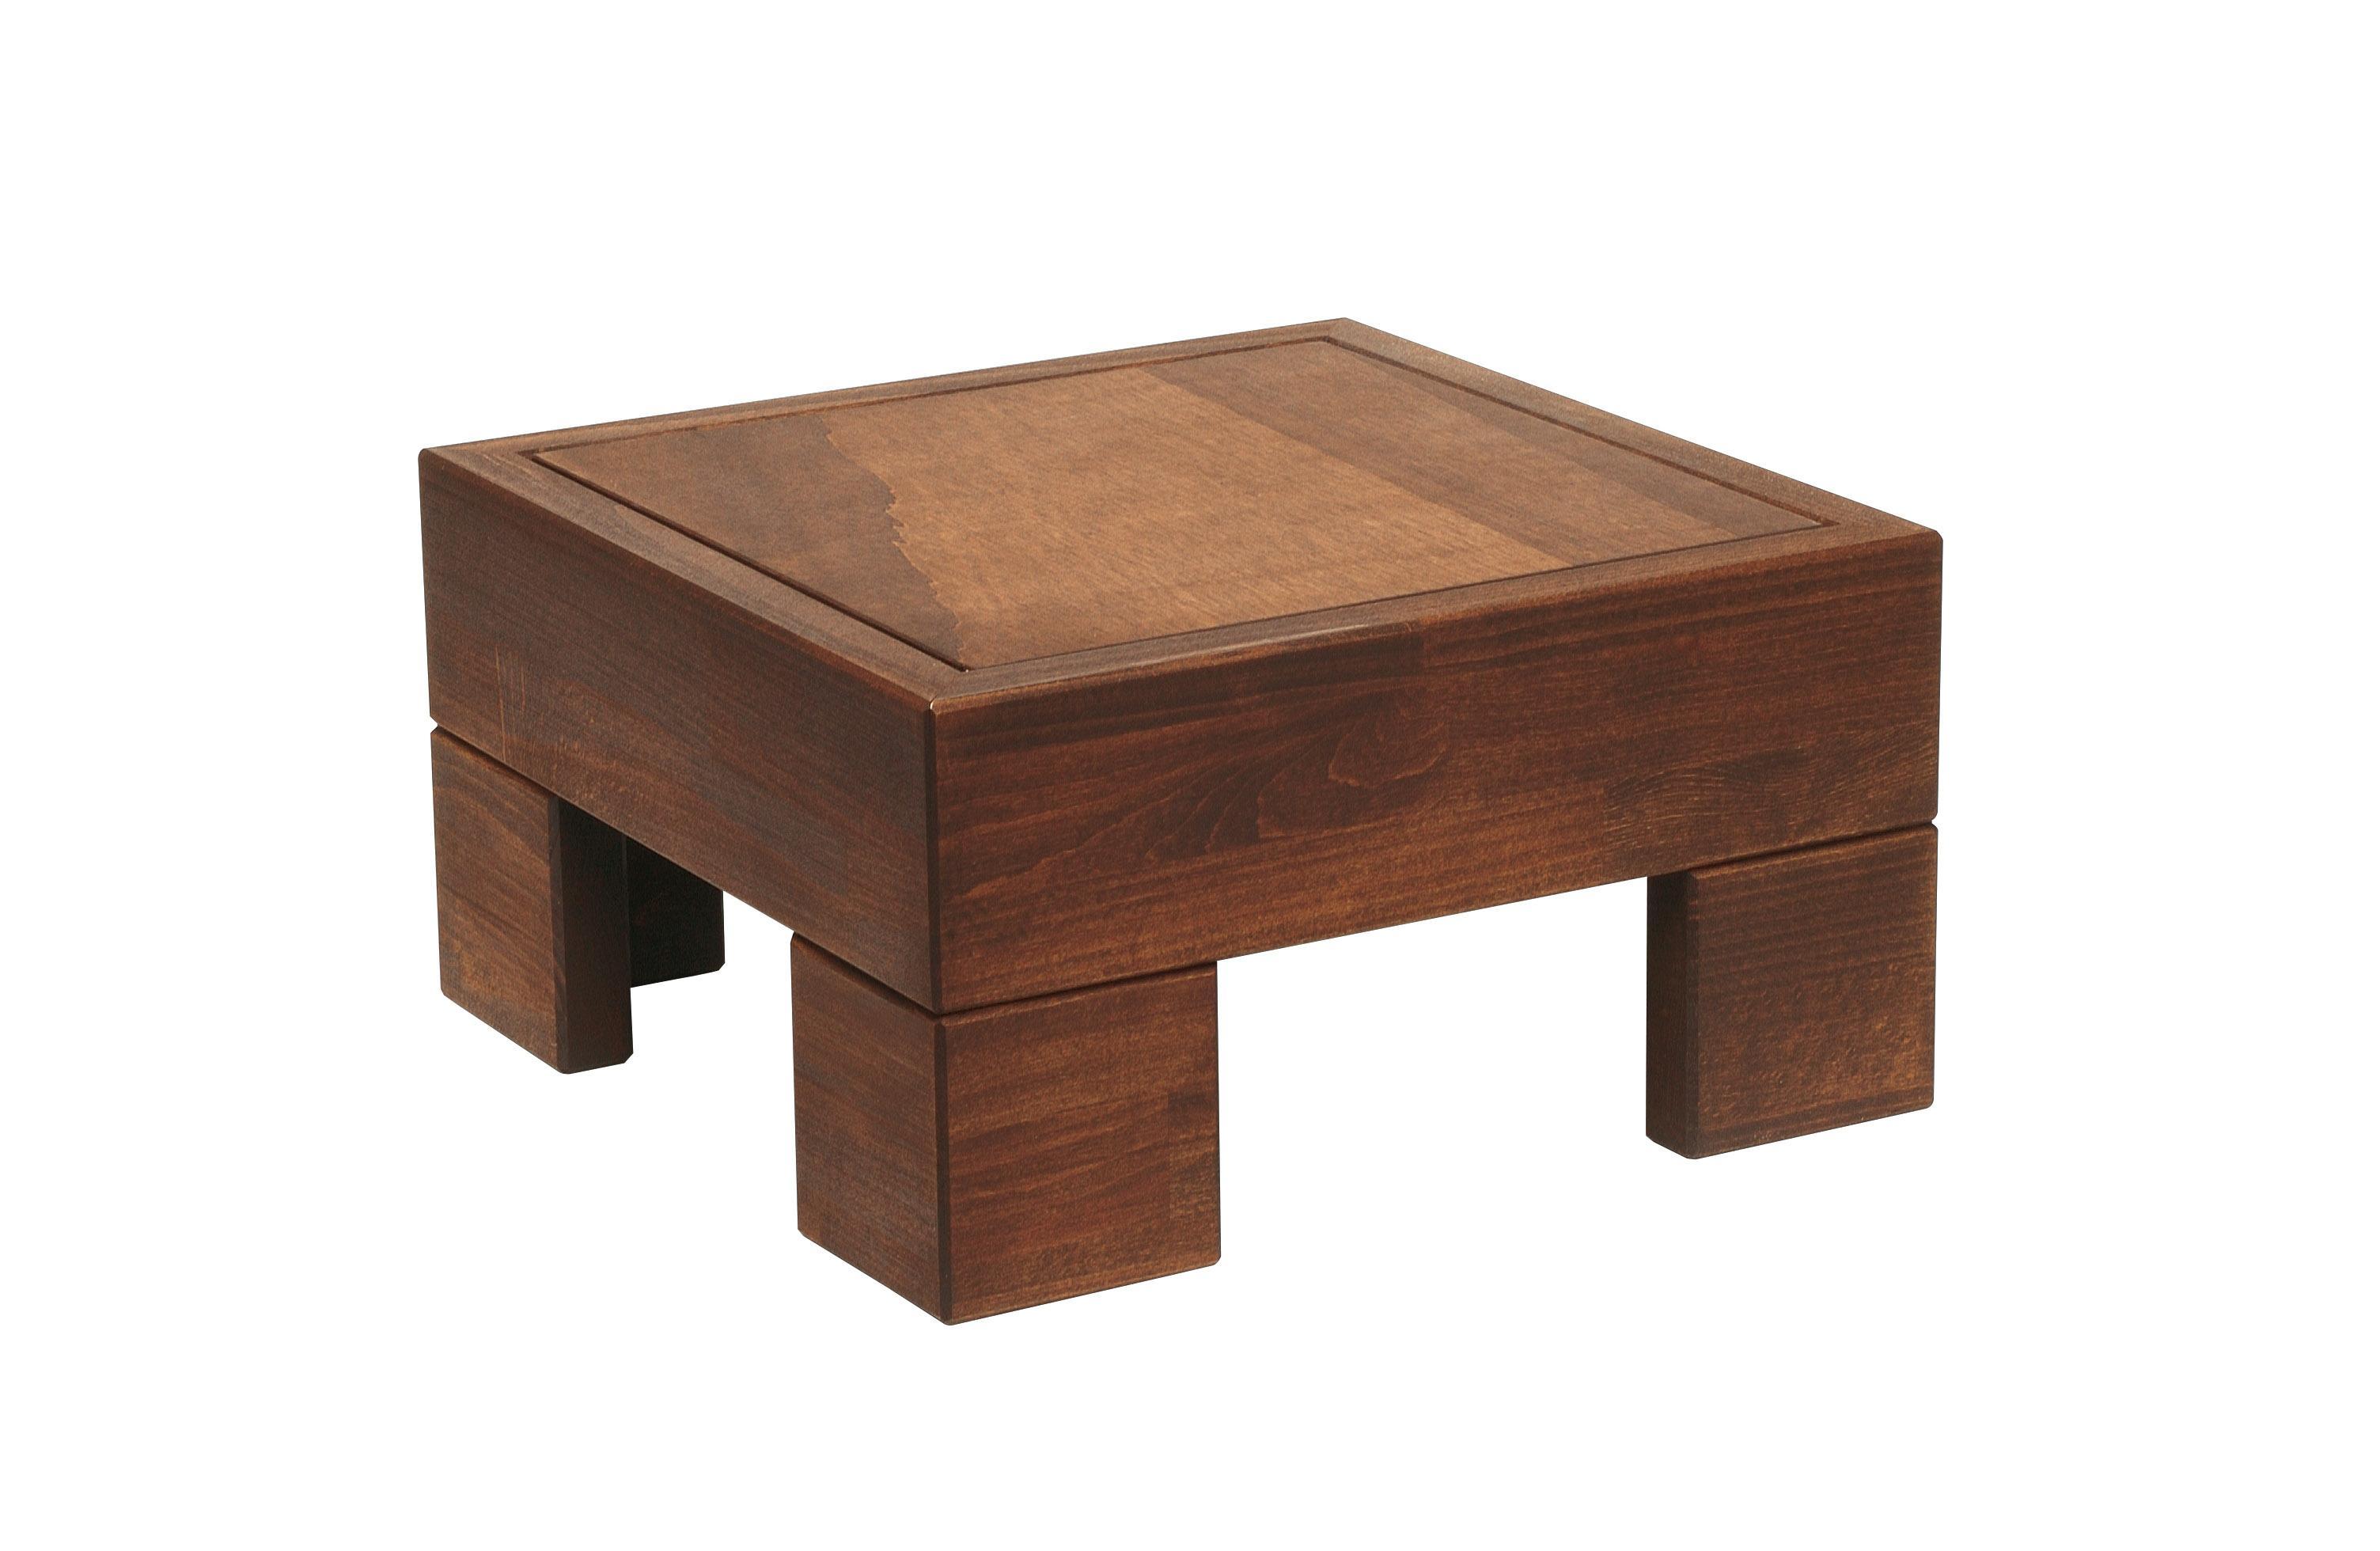 Kobe bedside table